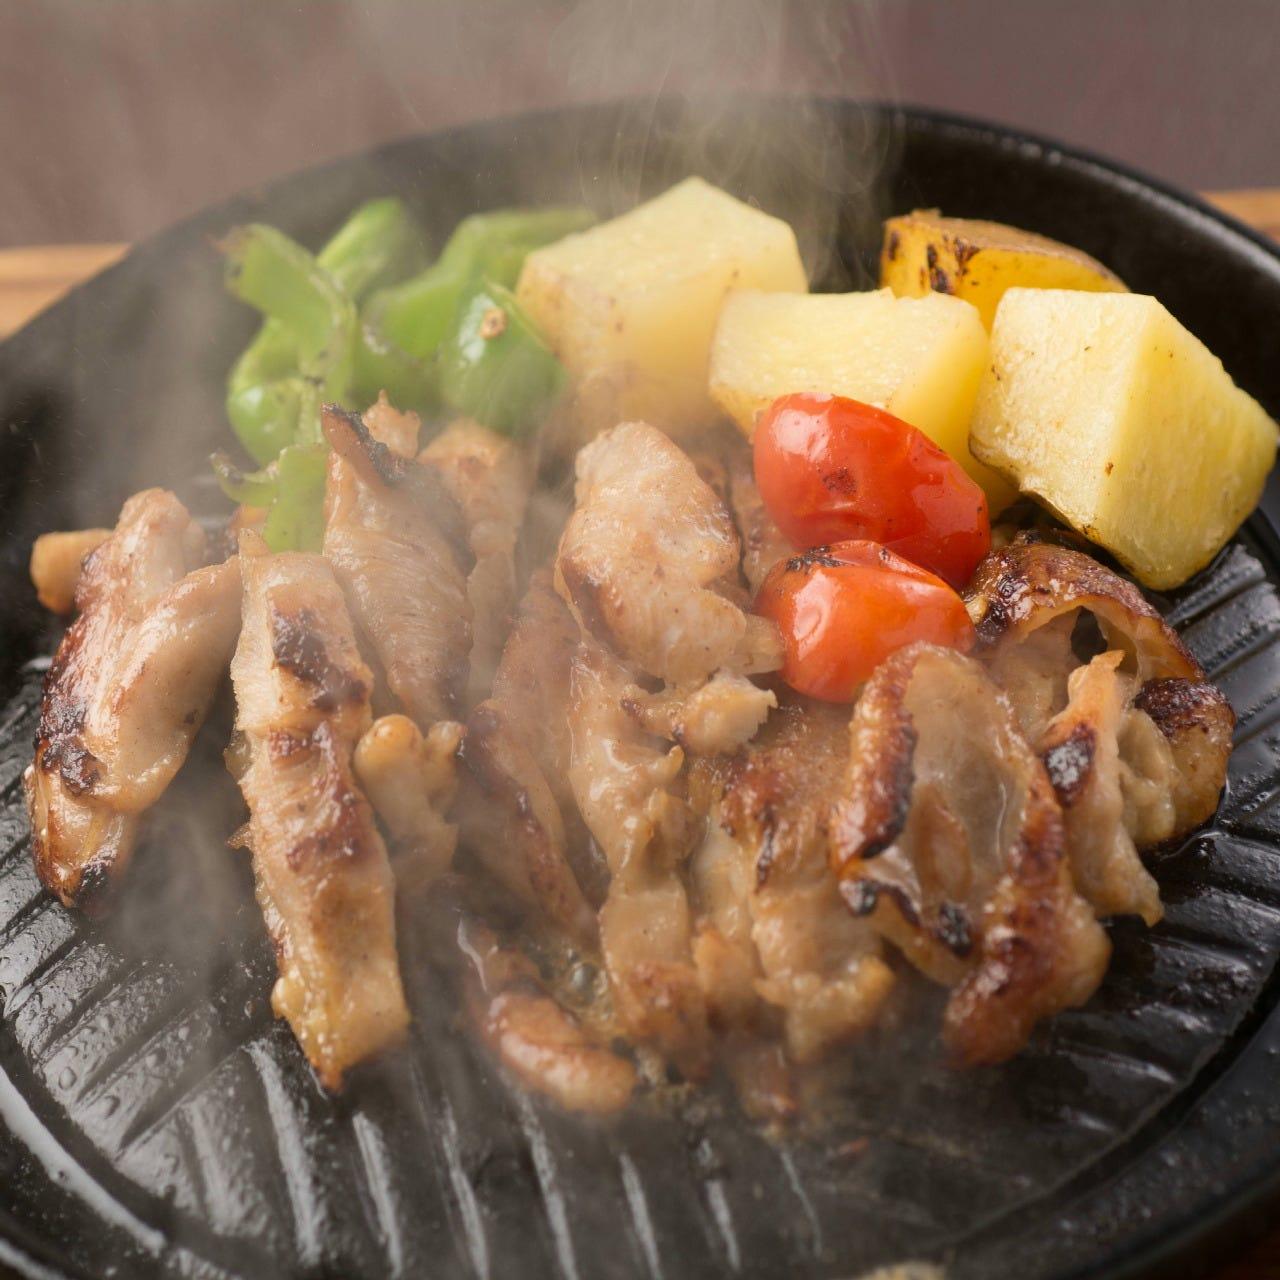 王国チキンステーキ(ガイヤーン) 香ばしい鶏肉のあつあつ鉄板焼